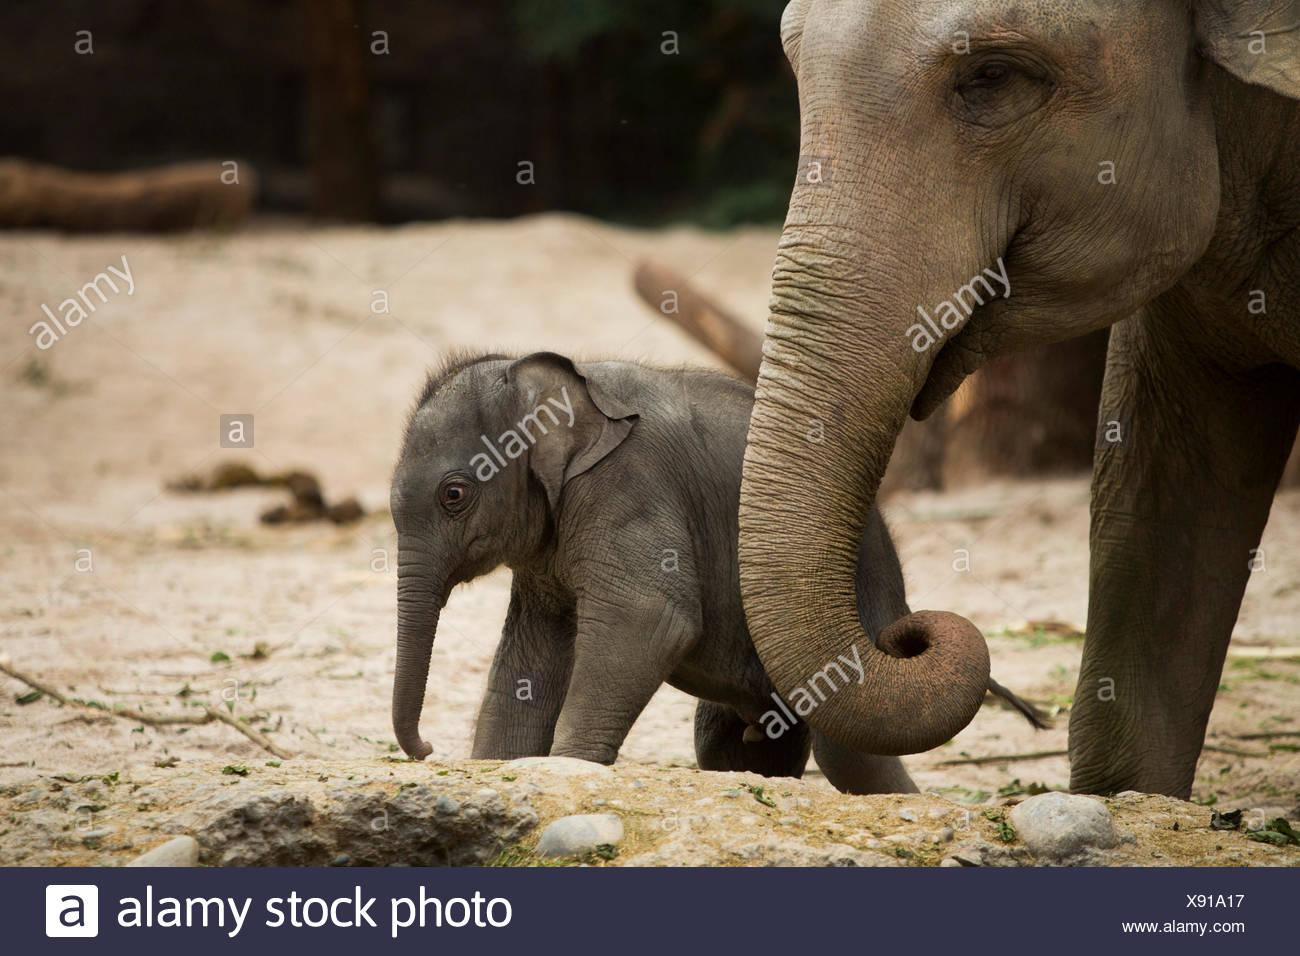 Los animales, los elefantes, los jóvenes, el elefante, el Zoológico de Zurich, animales, el cantón de Zurich, zoológico, Suiza, Europa, Imagen De Stock